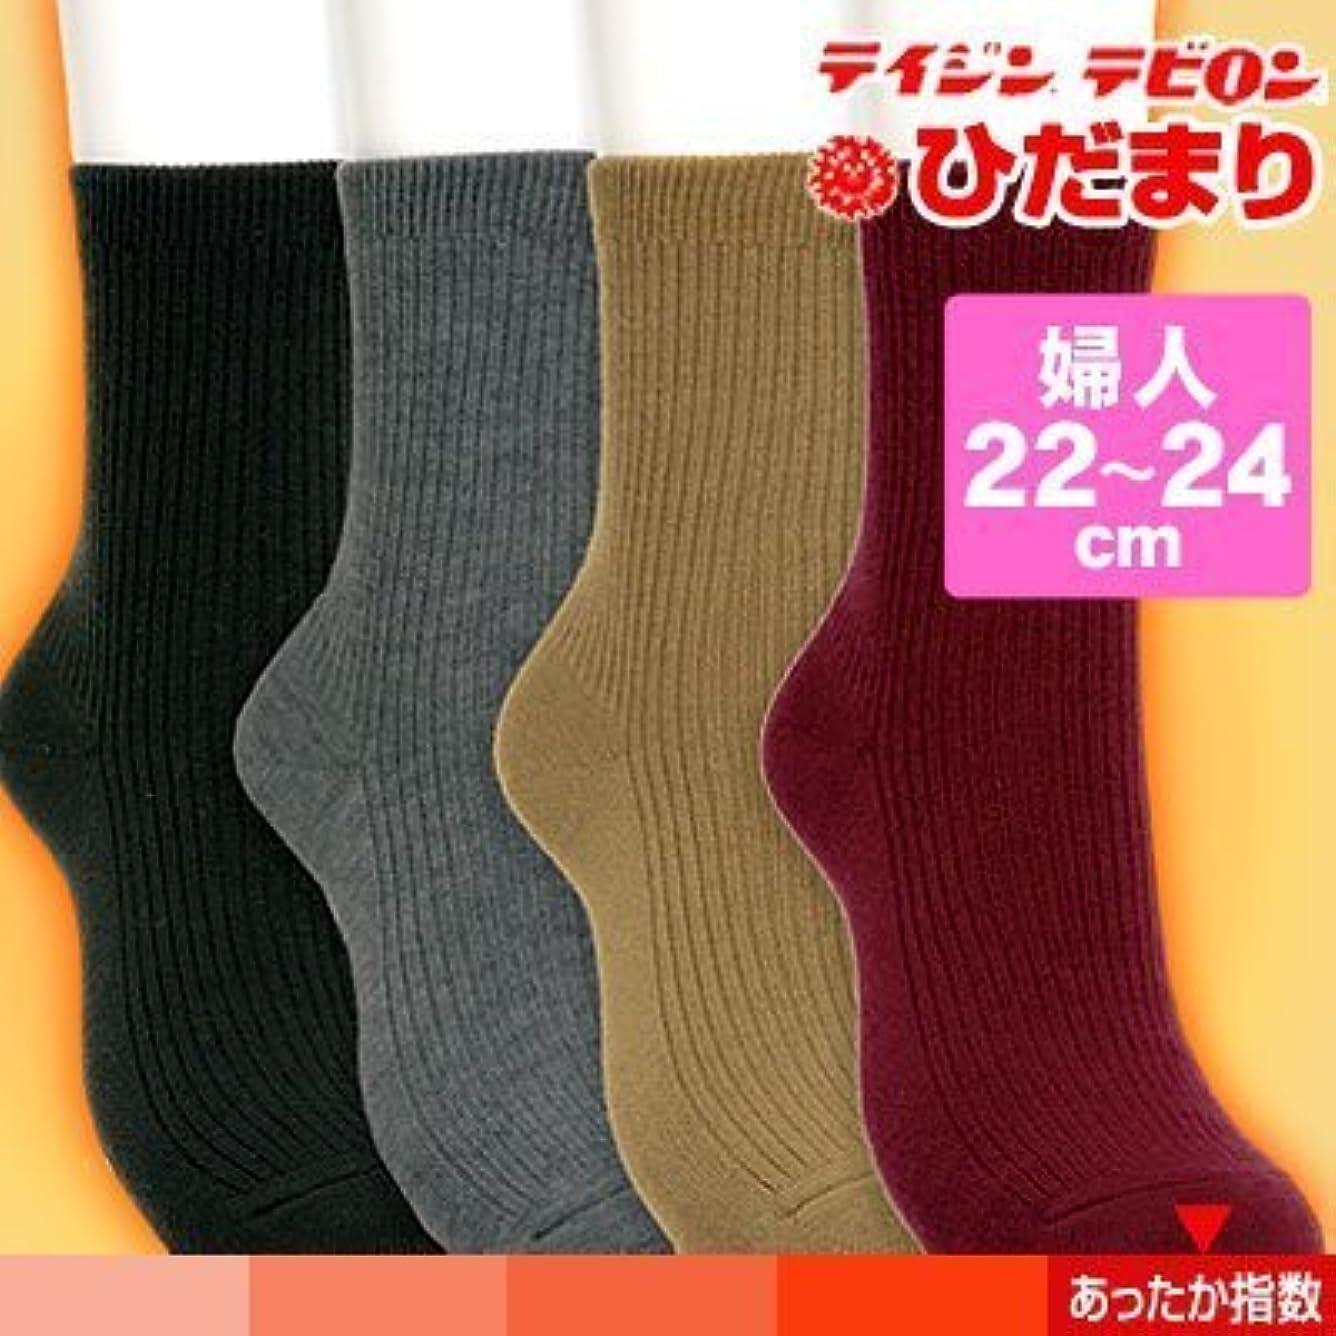 健康肌着 ひだまり ダブルソックス 3足組 (婦人用:黒、グレー、エンジ の3色組/フリーサイズ(22~24cm))